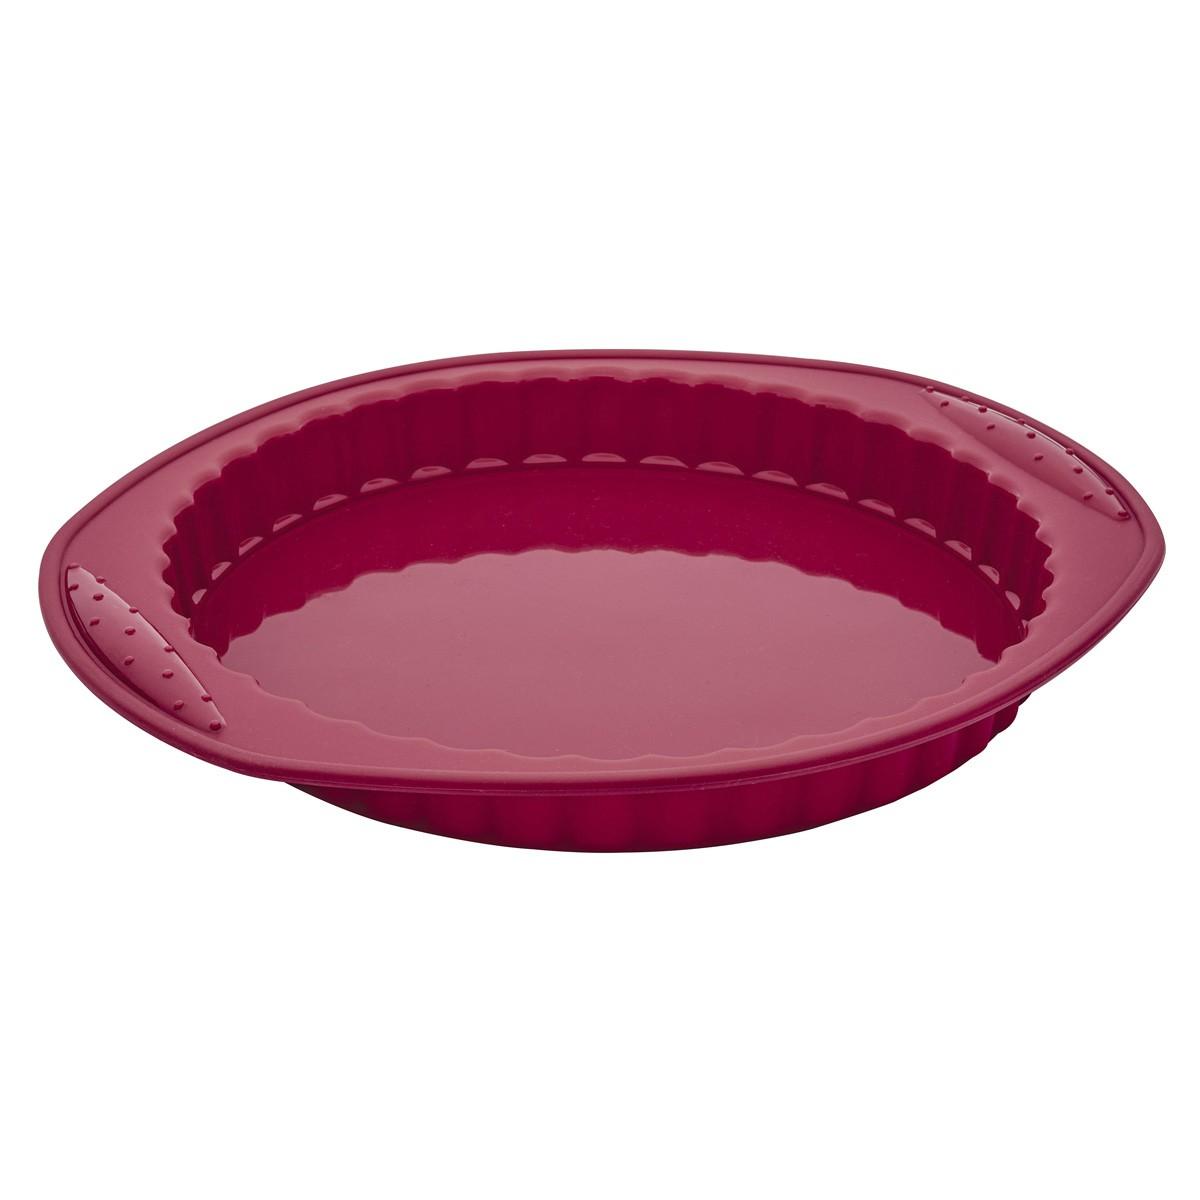 Forma Assadeira 31Cm para Torta de Silicone Flexível Vermelha